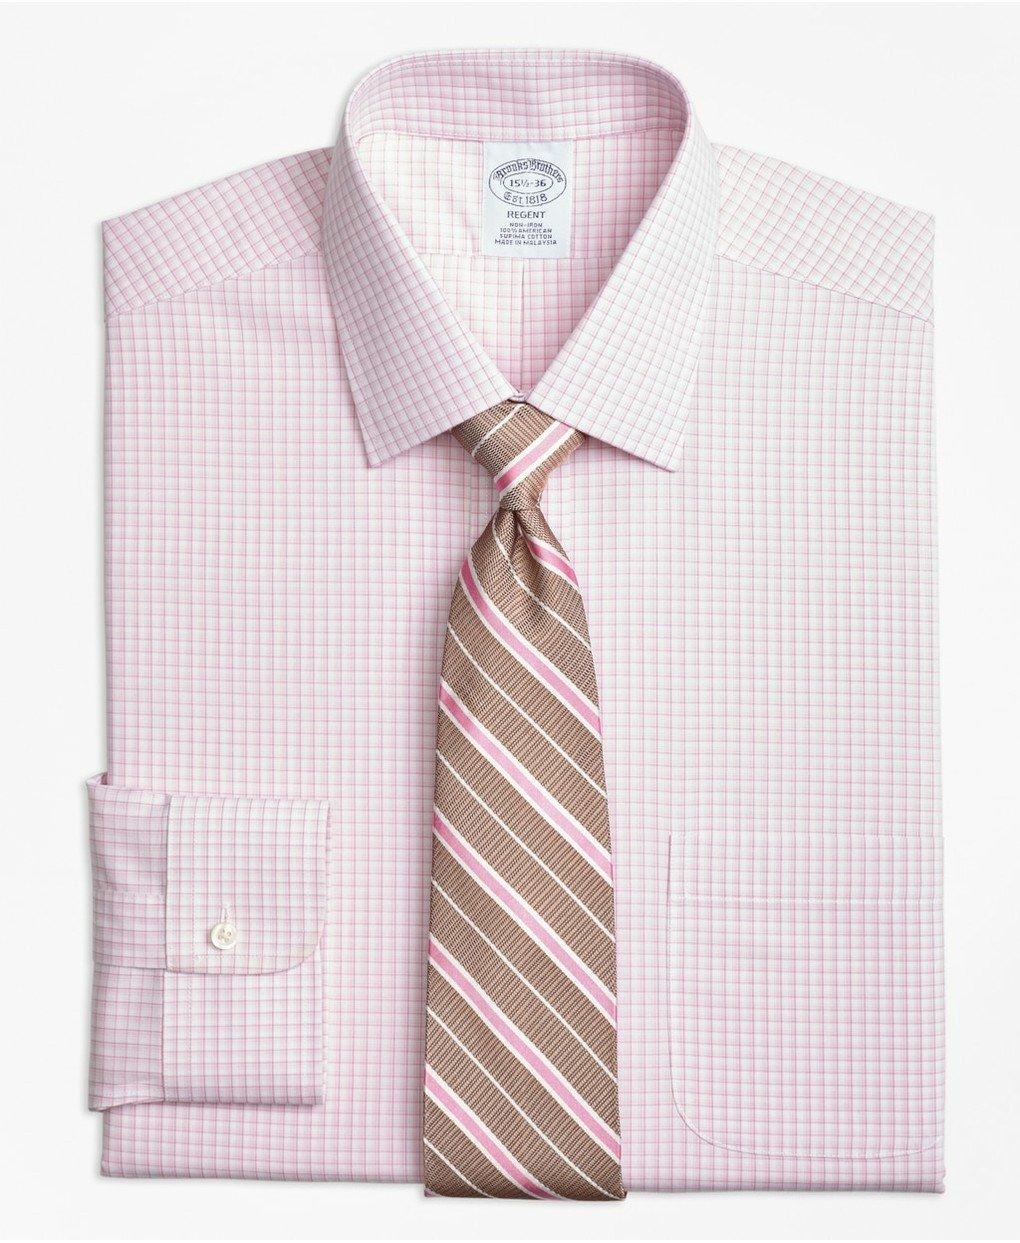 Regent Fitted Dress Shirt, Non-Iron Tonal Sidewheeler Check